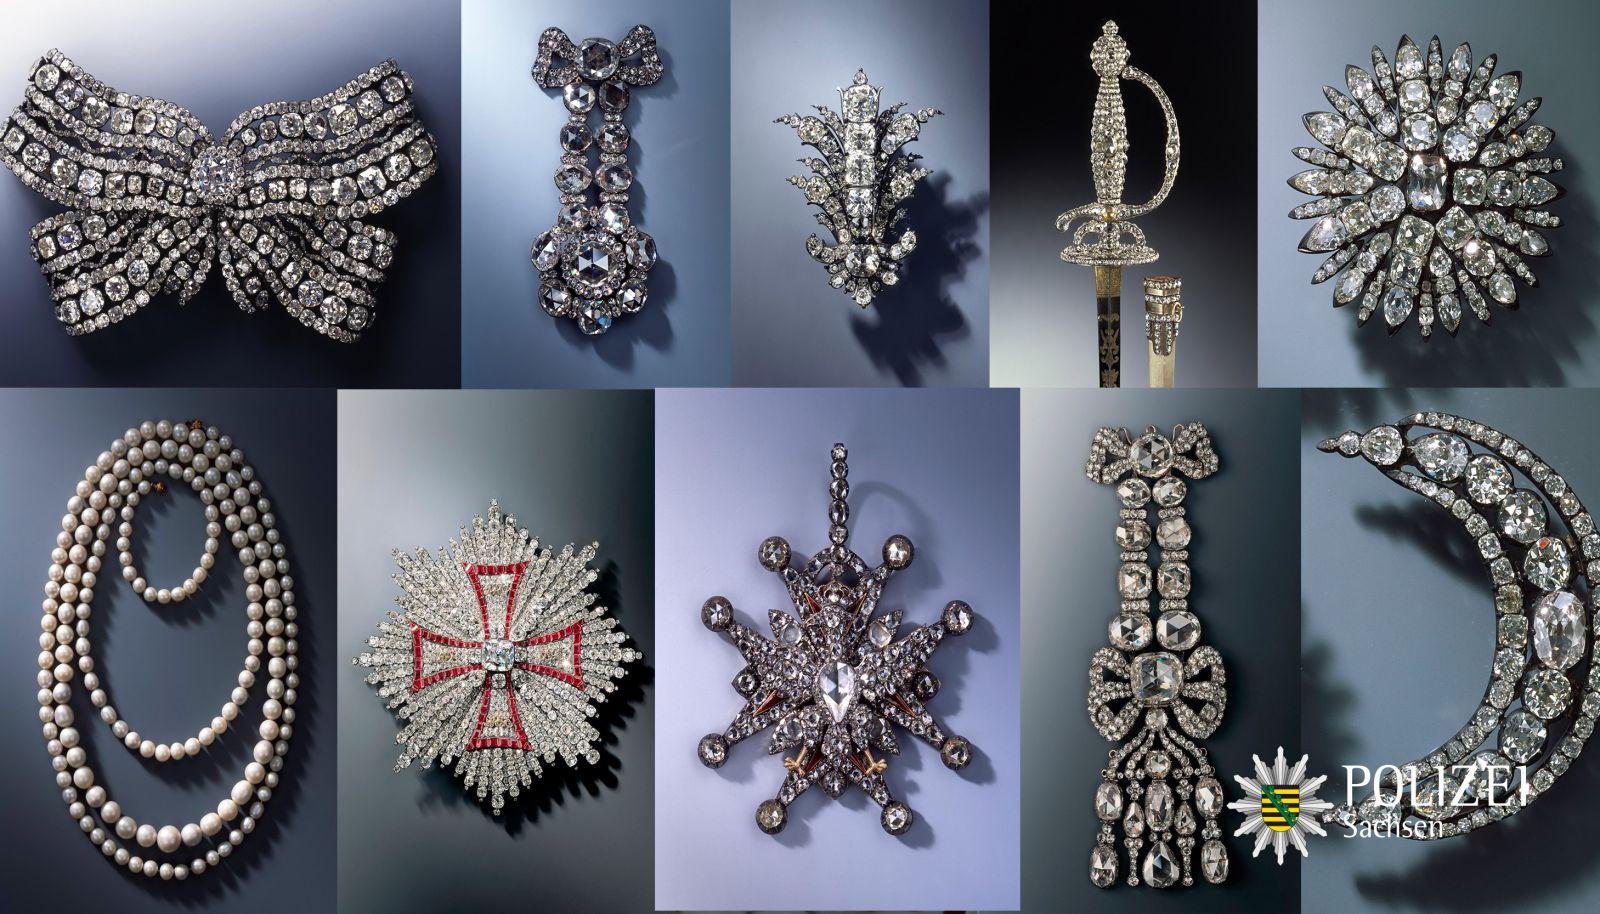 Бриллианты, мечи и броши. Что украли из сокровищницы короля Саксонии